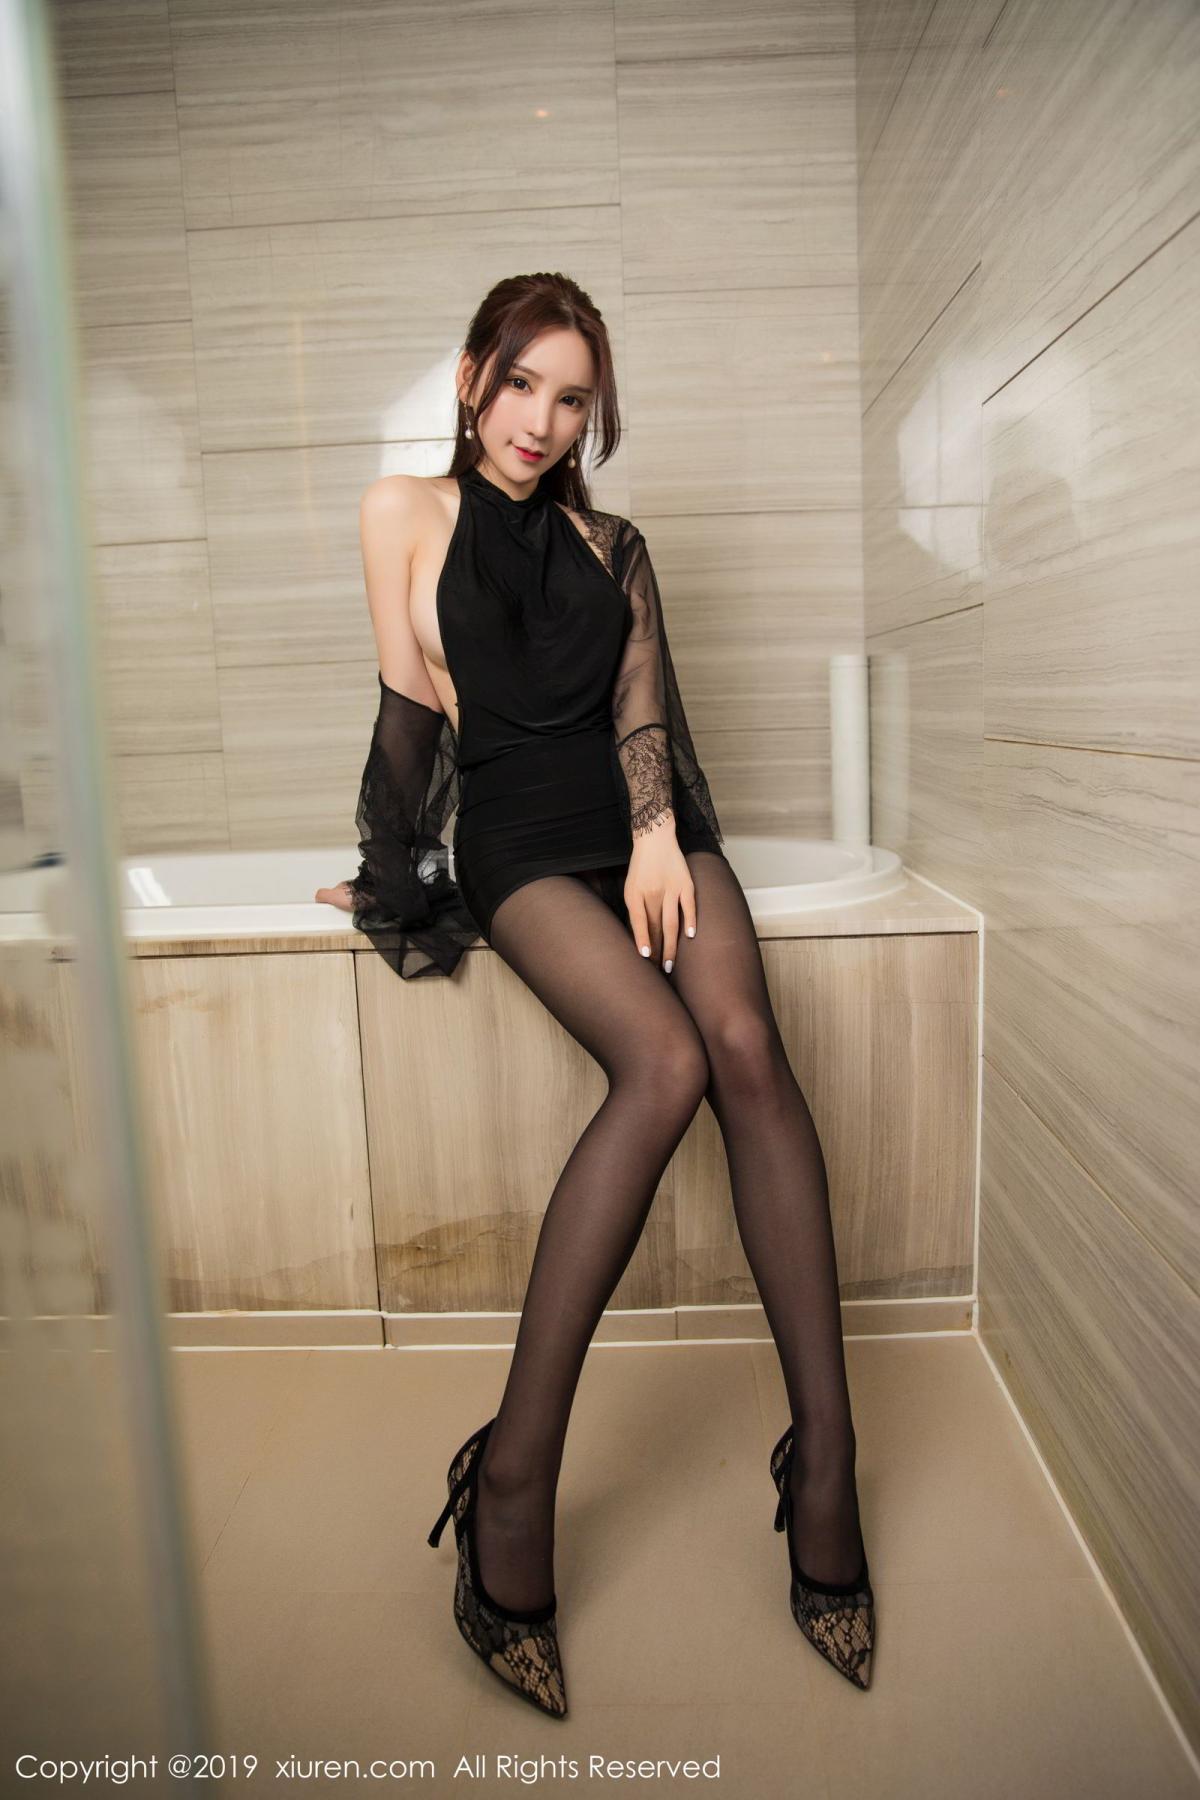 [XiuRen] Vol.1556 Zhou Yu Xi 14P, Bathroom, Black Silk, Tall, Underwear, Xiuren, Zhou Yu Xi